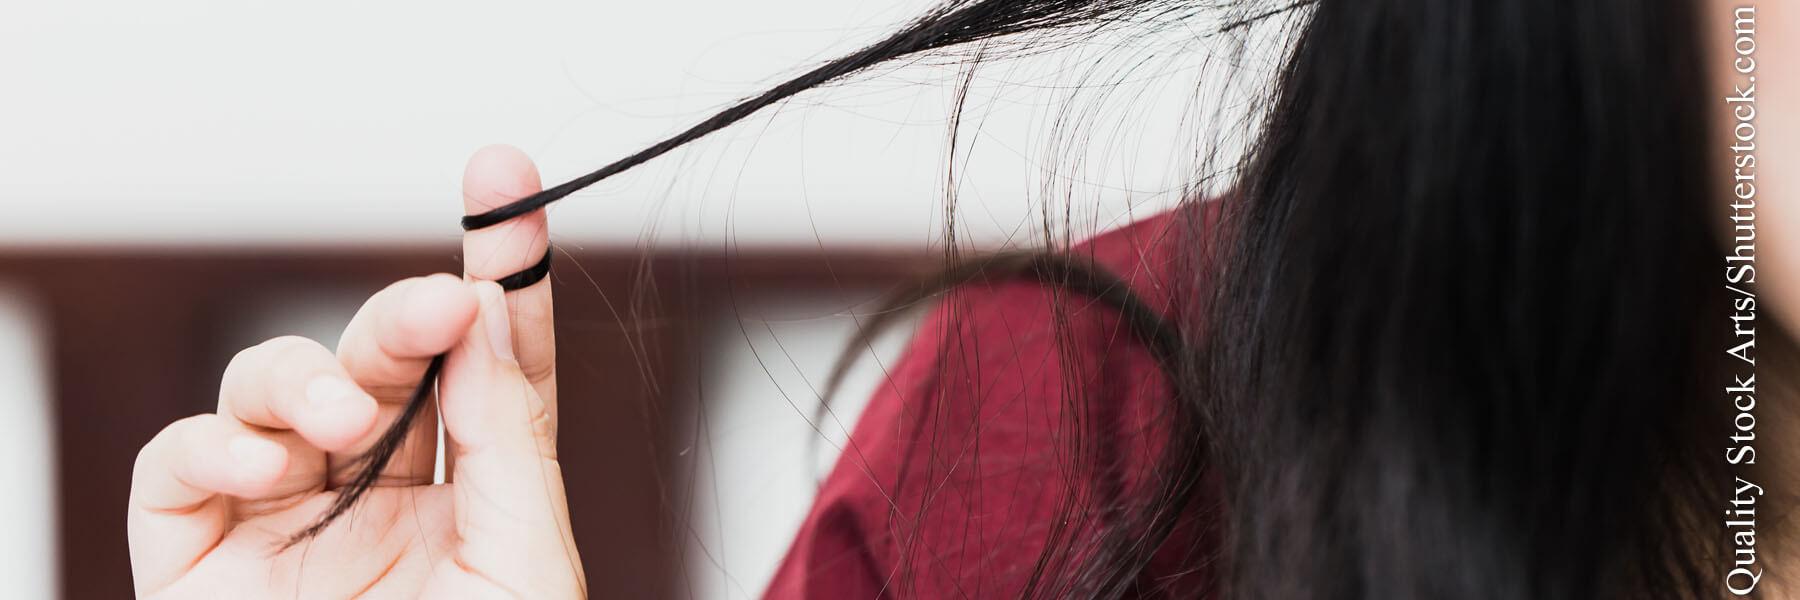 Tipps für gesundes Haar